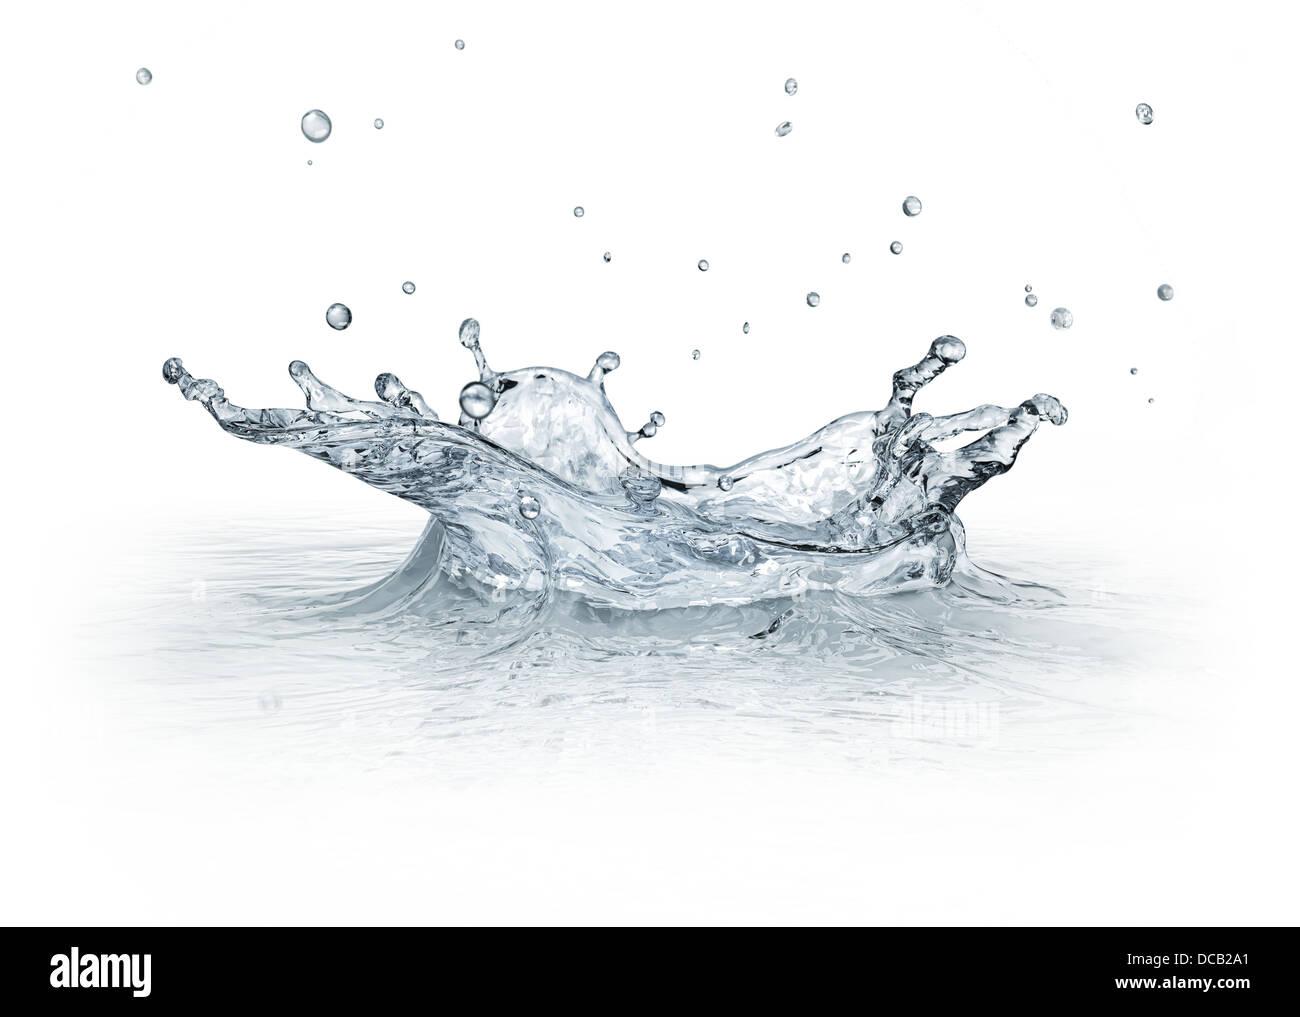 Salpicaduras de agua aislado sobre fondo blanco, con unas gotas de volar.. Imagen CGI. Imagen De Stock